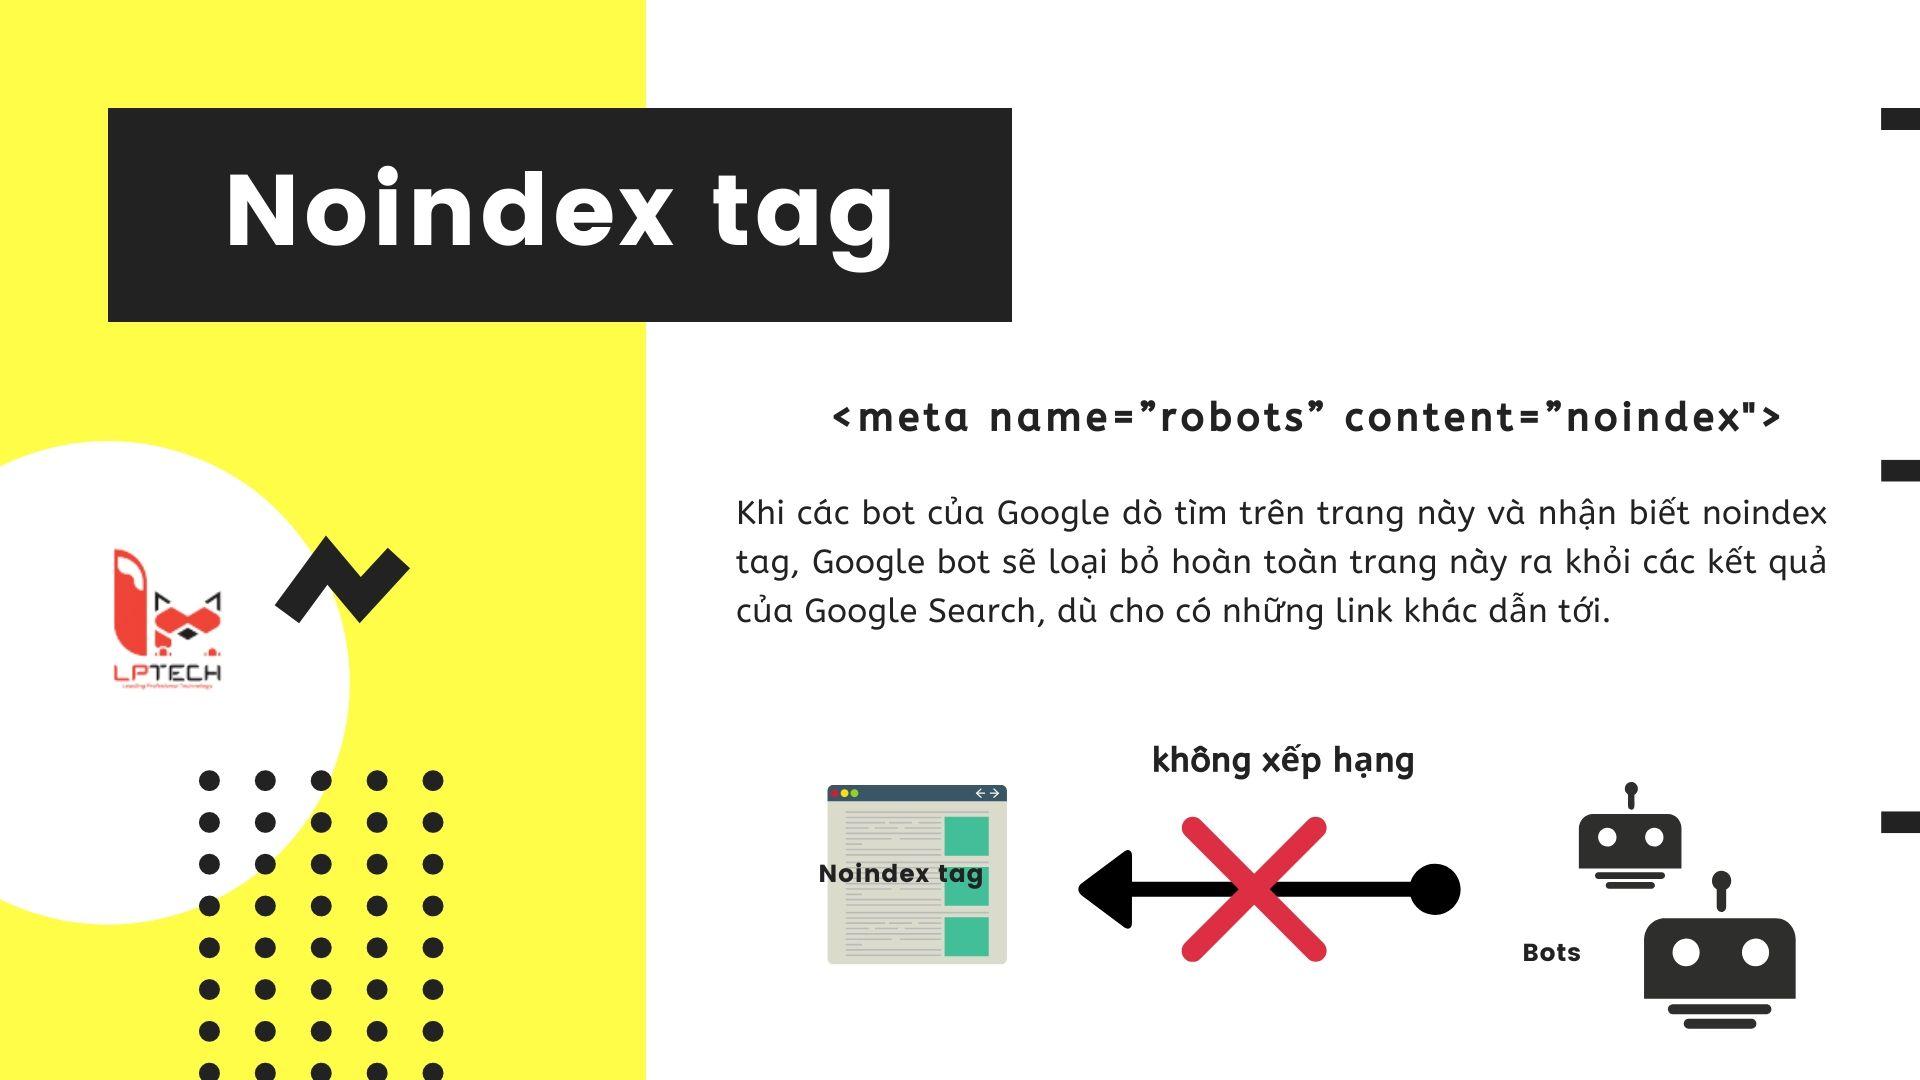 Cách sử dụng noindex tag